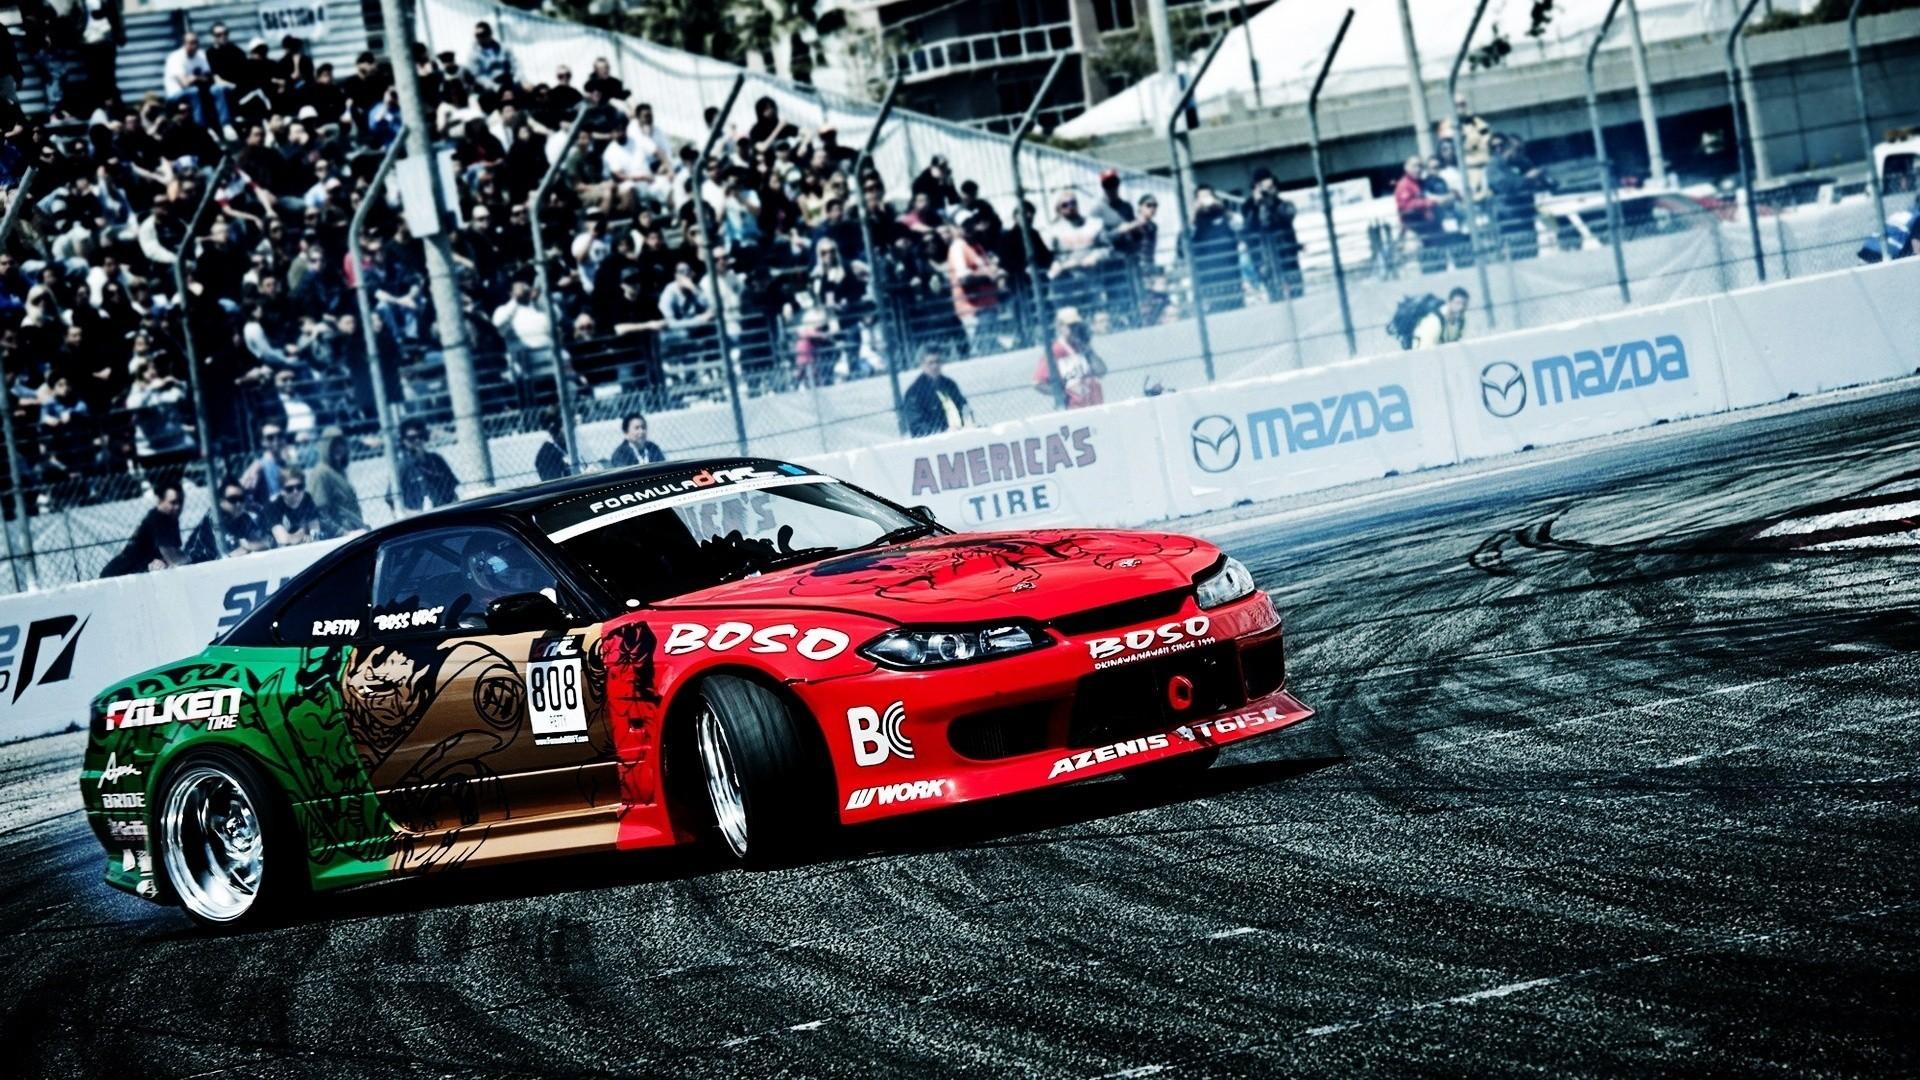 デスクトップ壁紙 日産 スポーツカー ドリフト パフォーマンスカー シルビア S15 スーパーカー モータースポーツ 陸上車両 自動車デザイン レースカー 自動車メーカー 高級車 レーストラック オートレース 19x1080 Kingbailey